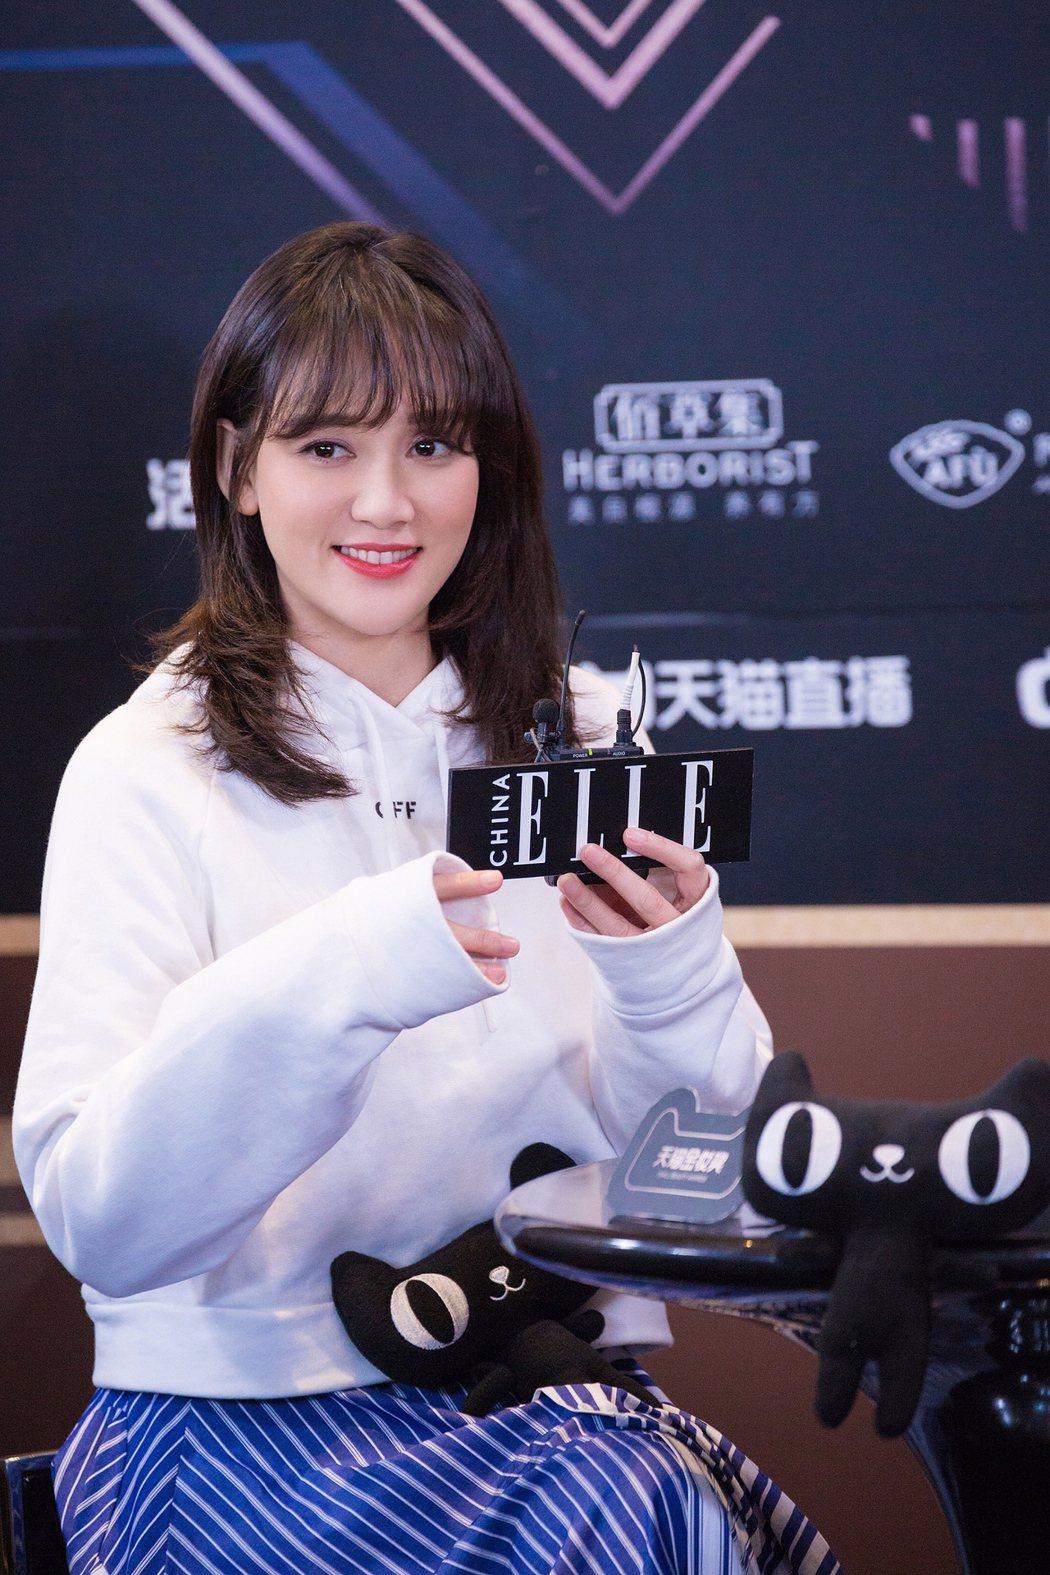 事實上,「陳喬恩工作室」2月28日曝光陳喬恩出席活動的照片,照片上她的V臉早已不...